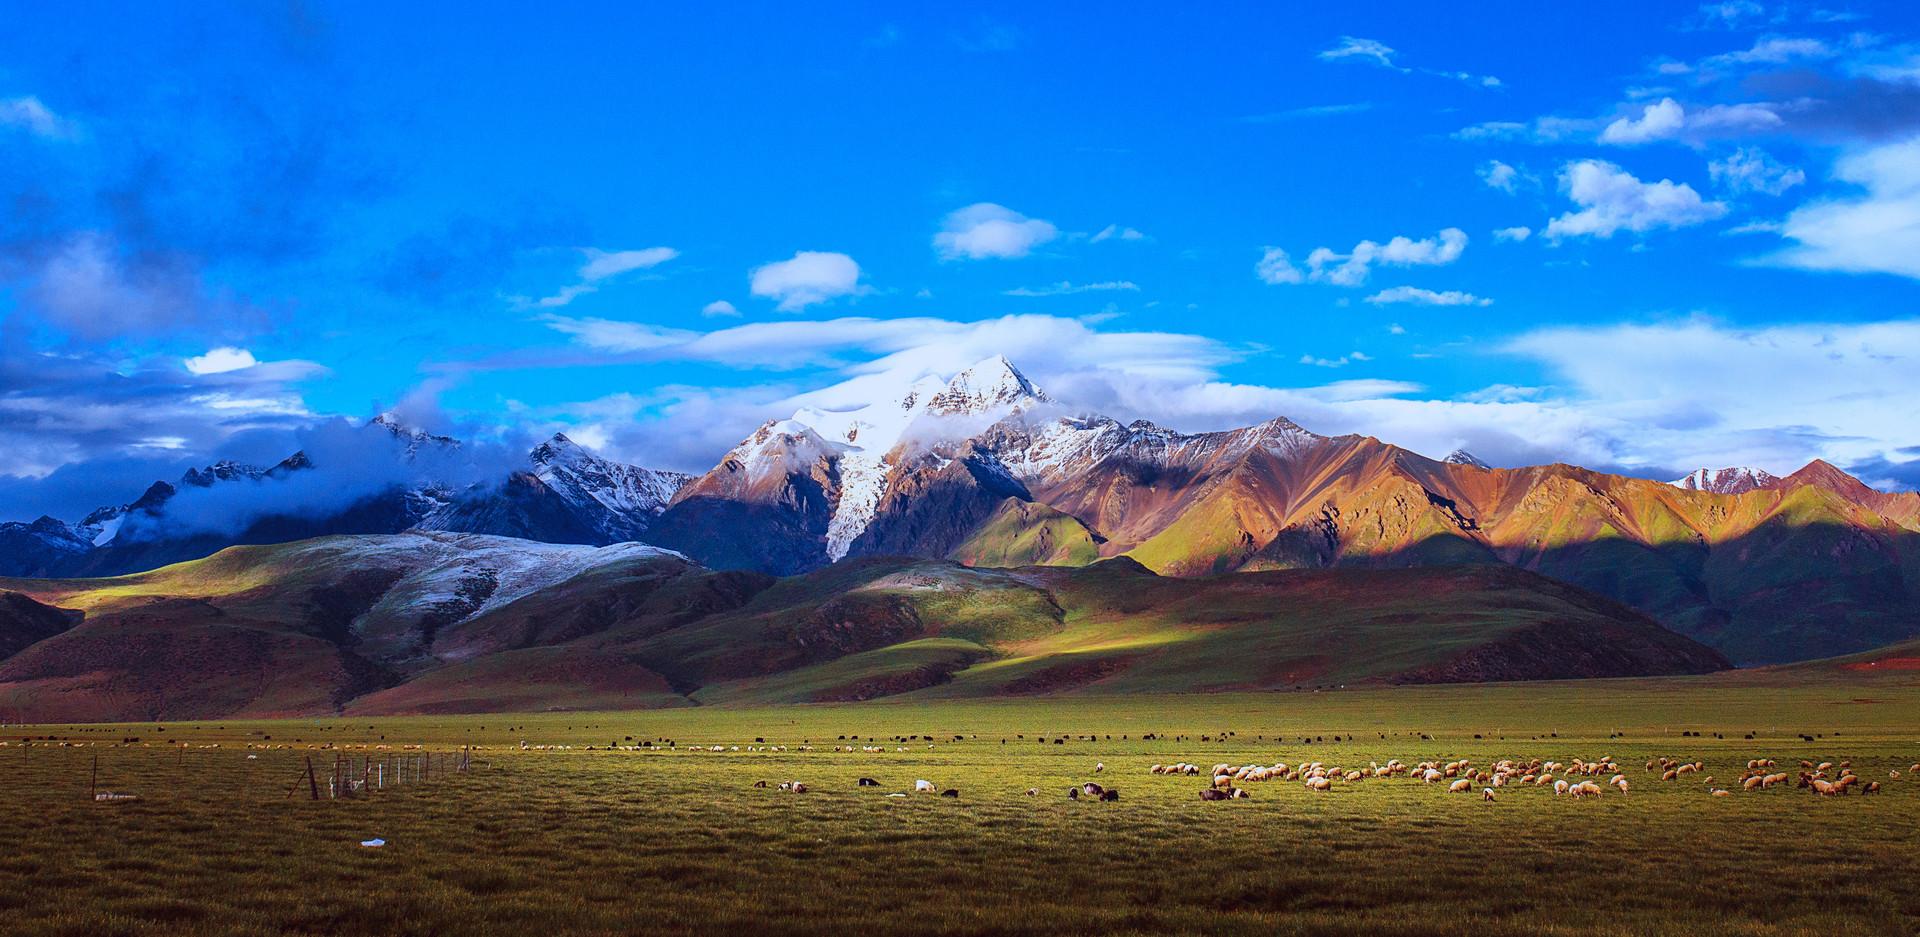 独自开车去西藏很轻松?这可不是说走就走的旅程,这些事项要注意